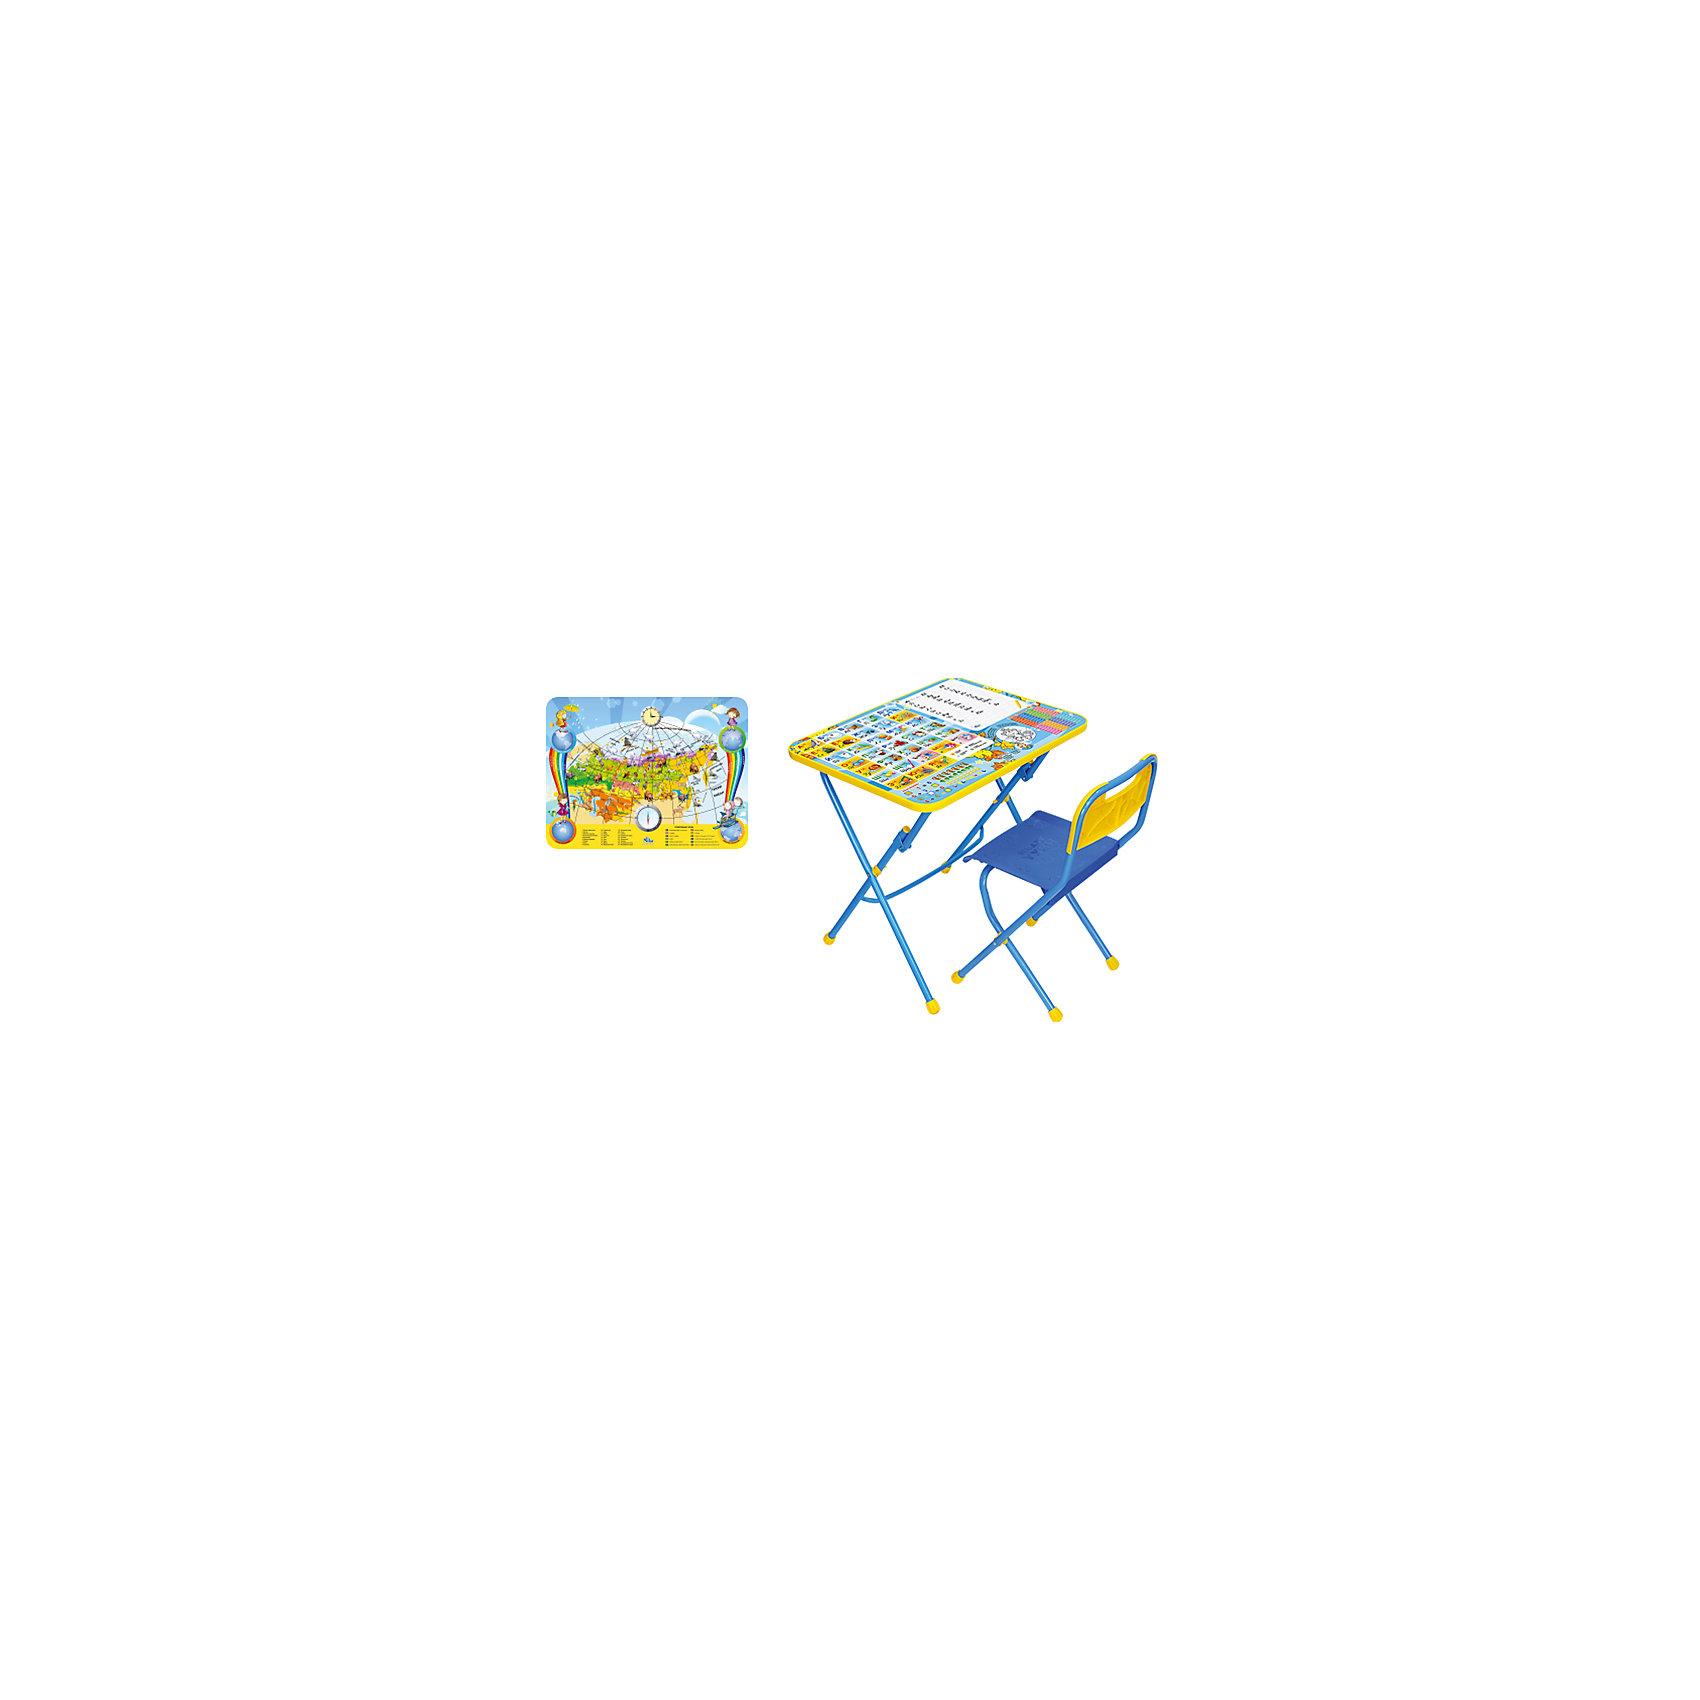 Набор мебели Познаю мирДетские столы и стулья<br>Набор детской мебели Познаю мир состоит из двух предметов: стол-парта и стульчик.  На крышке столика изображены рисунки способствующие развитию ребенка.<br>При необходимости, стол и стул возможно сложить, они очень компактны в собранном виде, это дает возможность использования данного комплекта мебели даже в небольшой комнате. <br><br>Дополнительная информация:<br><br>В комплект входит стол-парта и стул с пластиковым сиденьем.<br>- Металлический каркас.<br>- Столешница облицована пленкой с тематическими рисунками.<br>- На ножках стула установлены пластмассовые наконечники.<br>- Размер столика: 60х45х57 см.<br>- Размер стула: высота до сиденья 34 см, высота со спинкой 59 см.<br>Сиденье: 30х30 см.<br>- Возраст: от 3-х лет<br><br>Набор мебели Познаю мир  можно купить в нашем магазине.<br><br>Ширина мм: 580<br>Глубина мм: 120<br>Высота мм: 450<br>Вес г: 7050<br>Возраст от месяцев: 36<br>Возраст до месяцев: 108<br>Пол: Унисекс<br>Возраст: Детский<br>SKU: 4718361